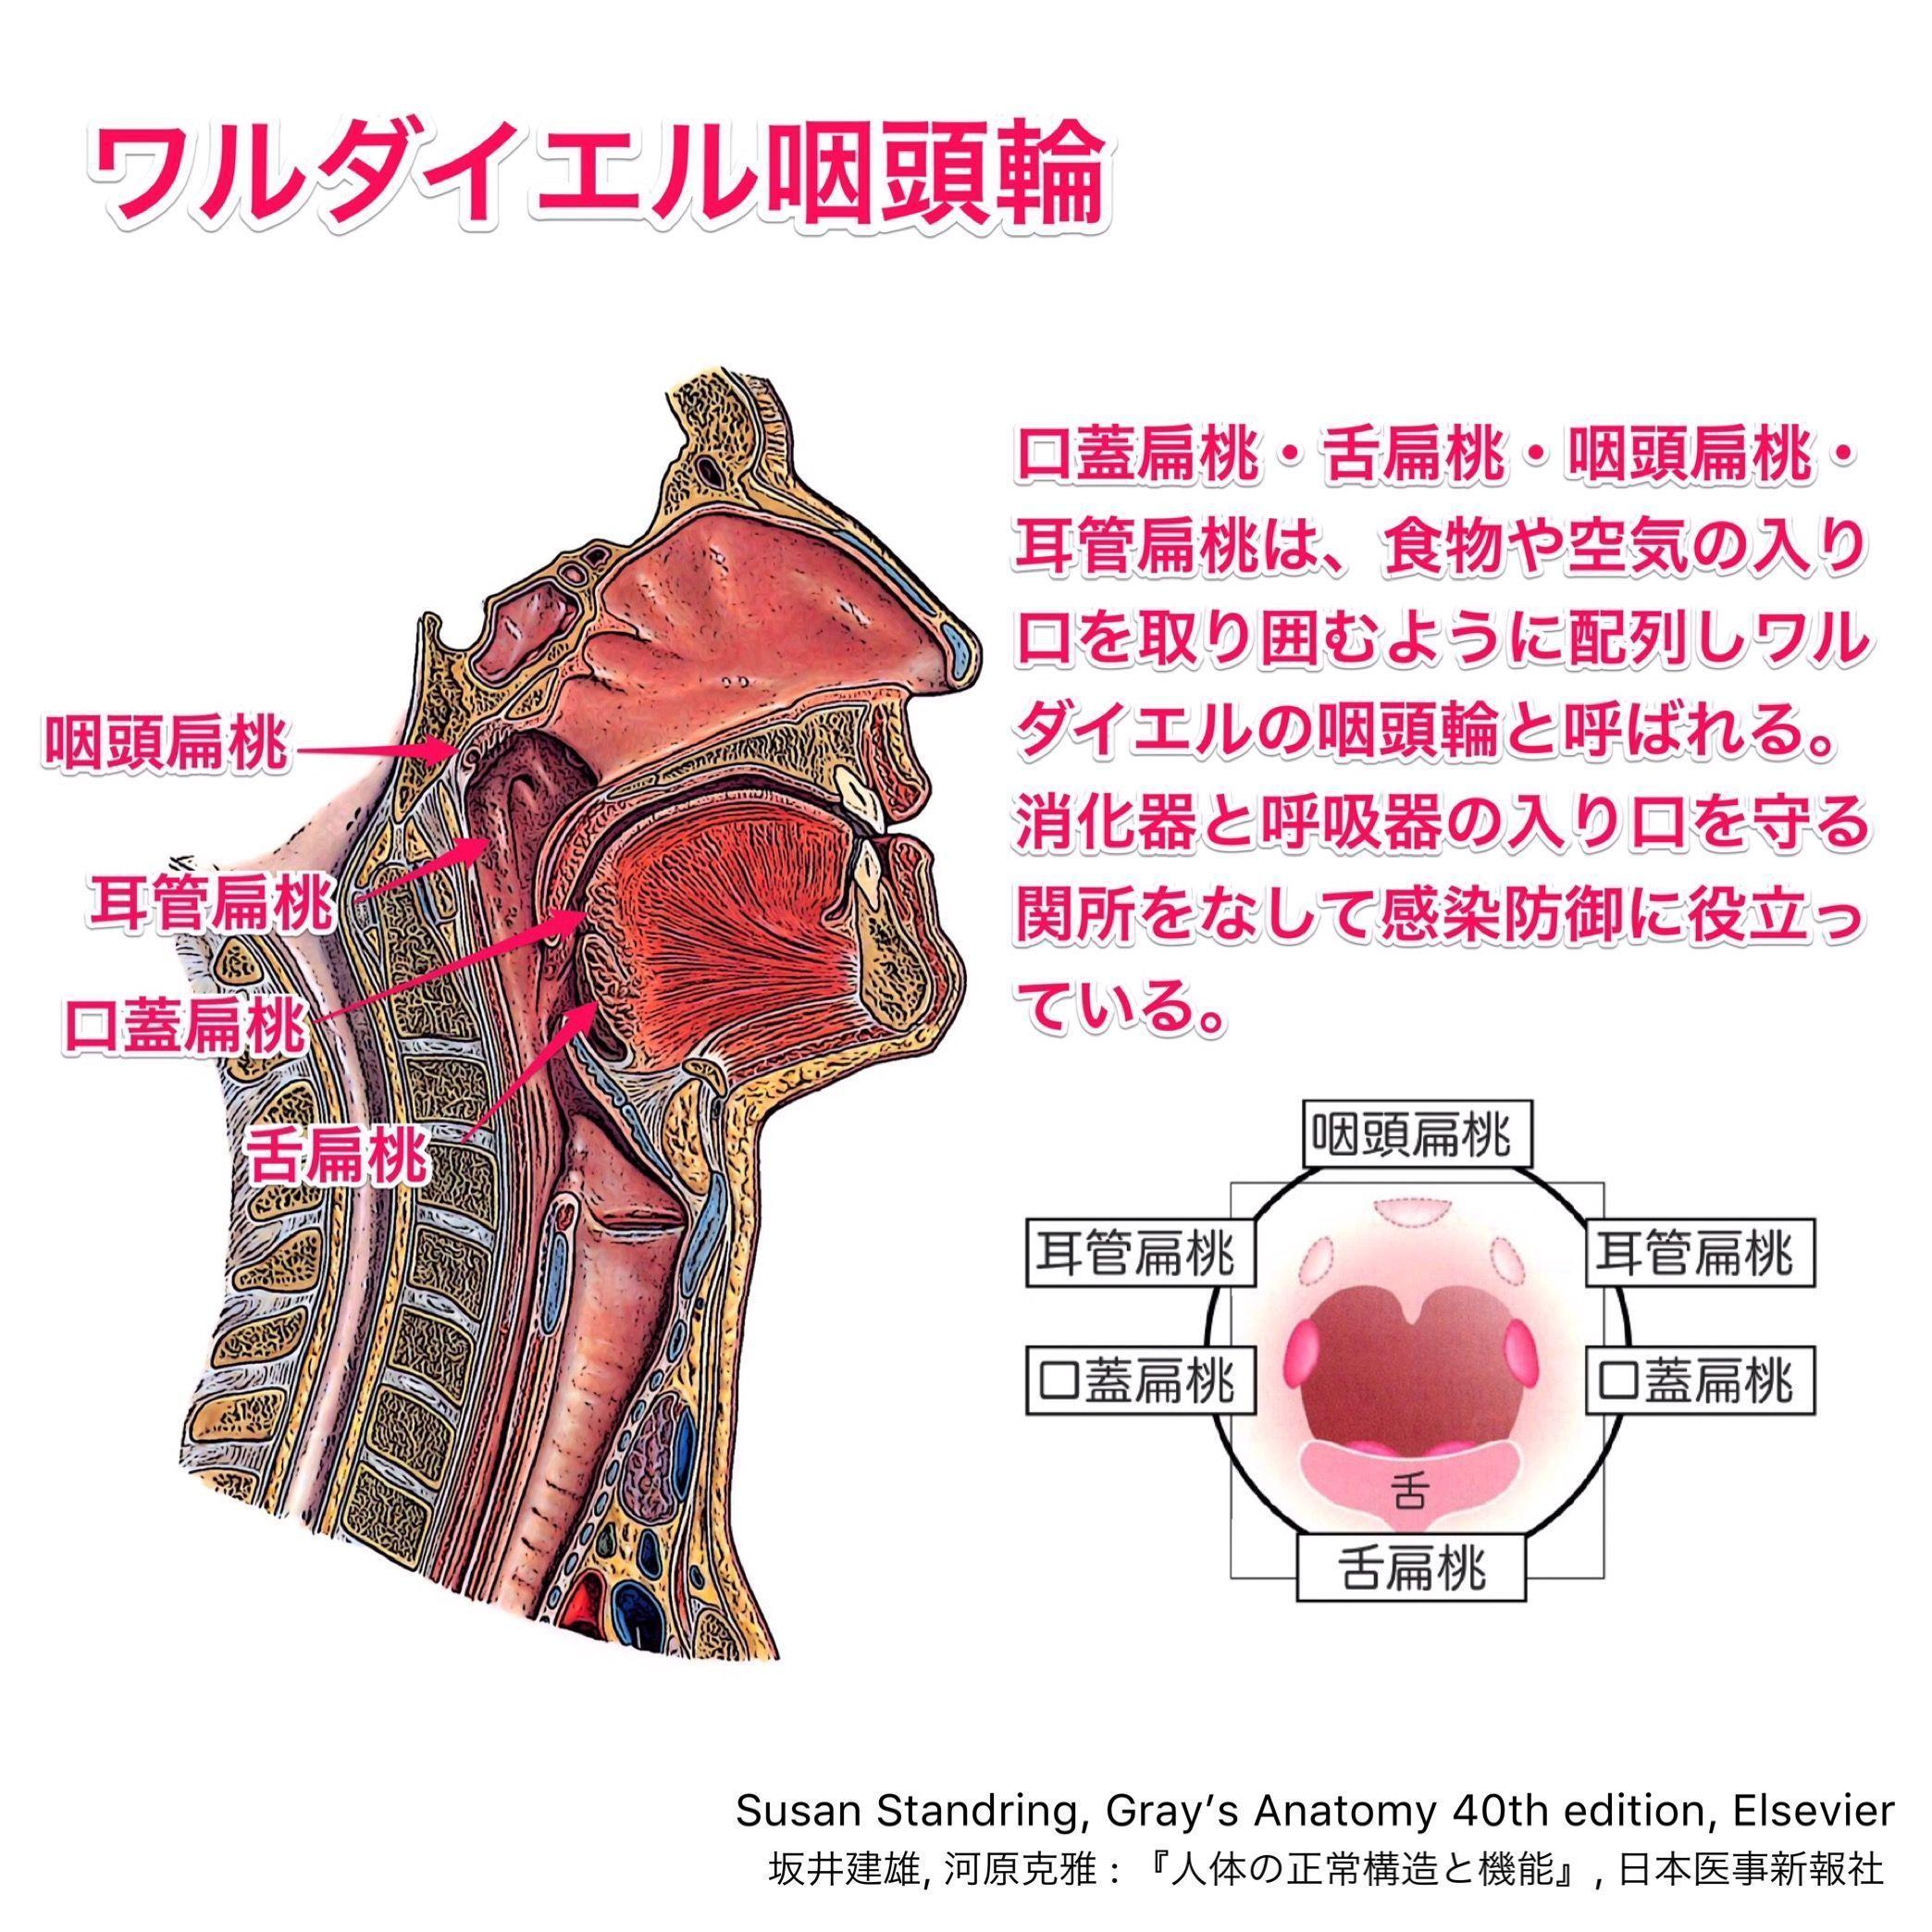 ボード 解剖学 のピン